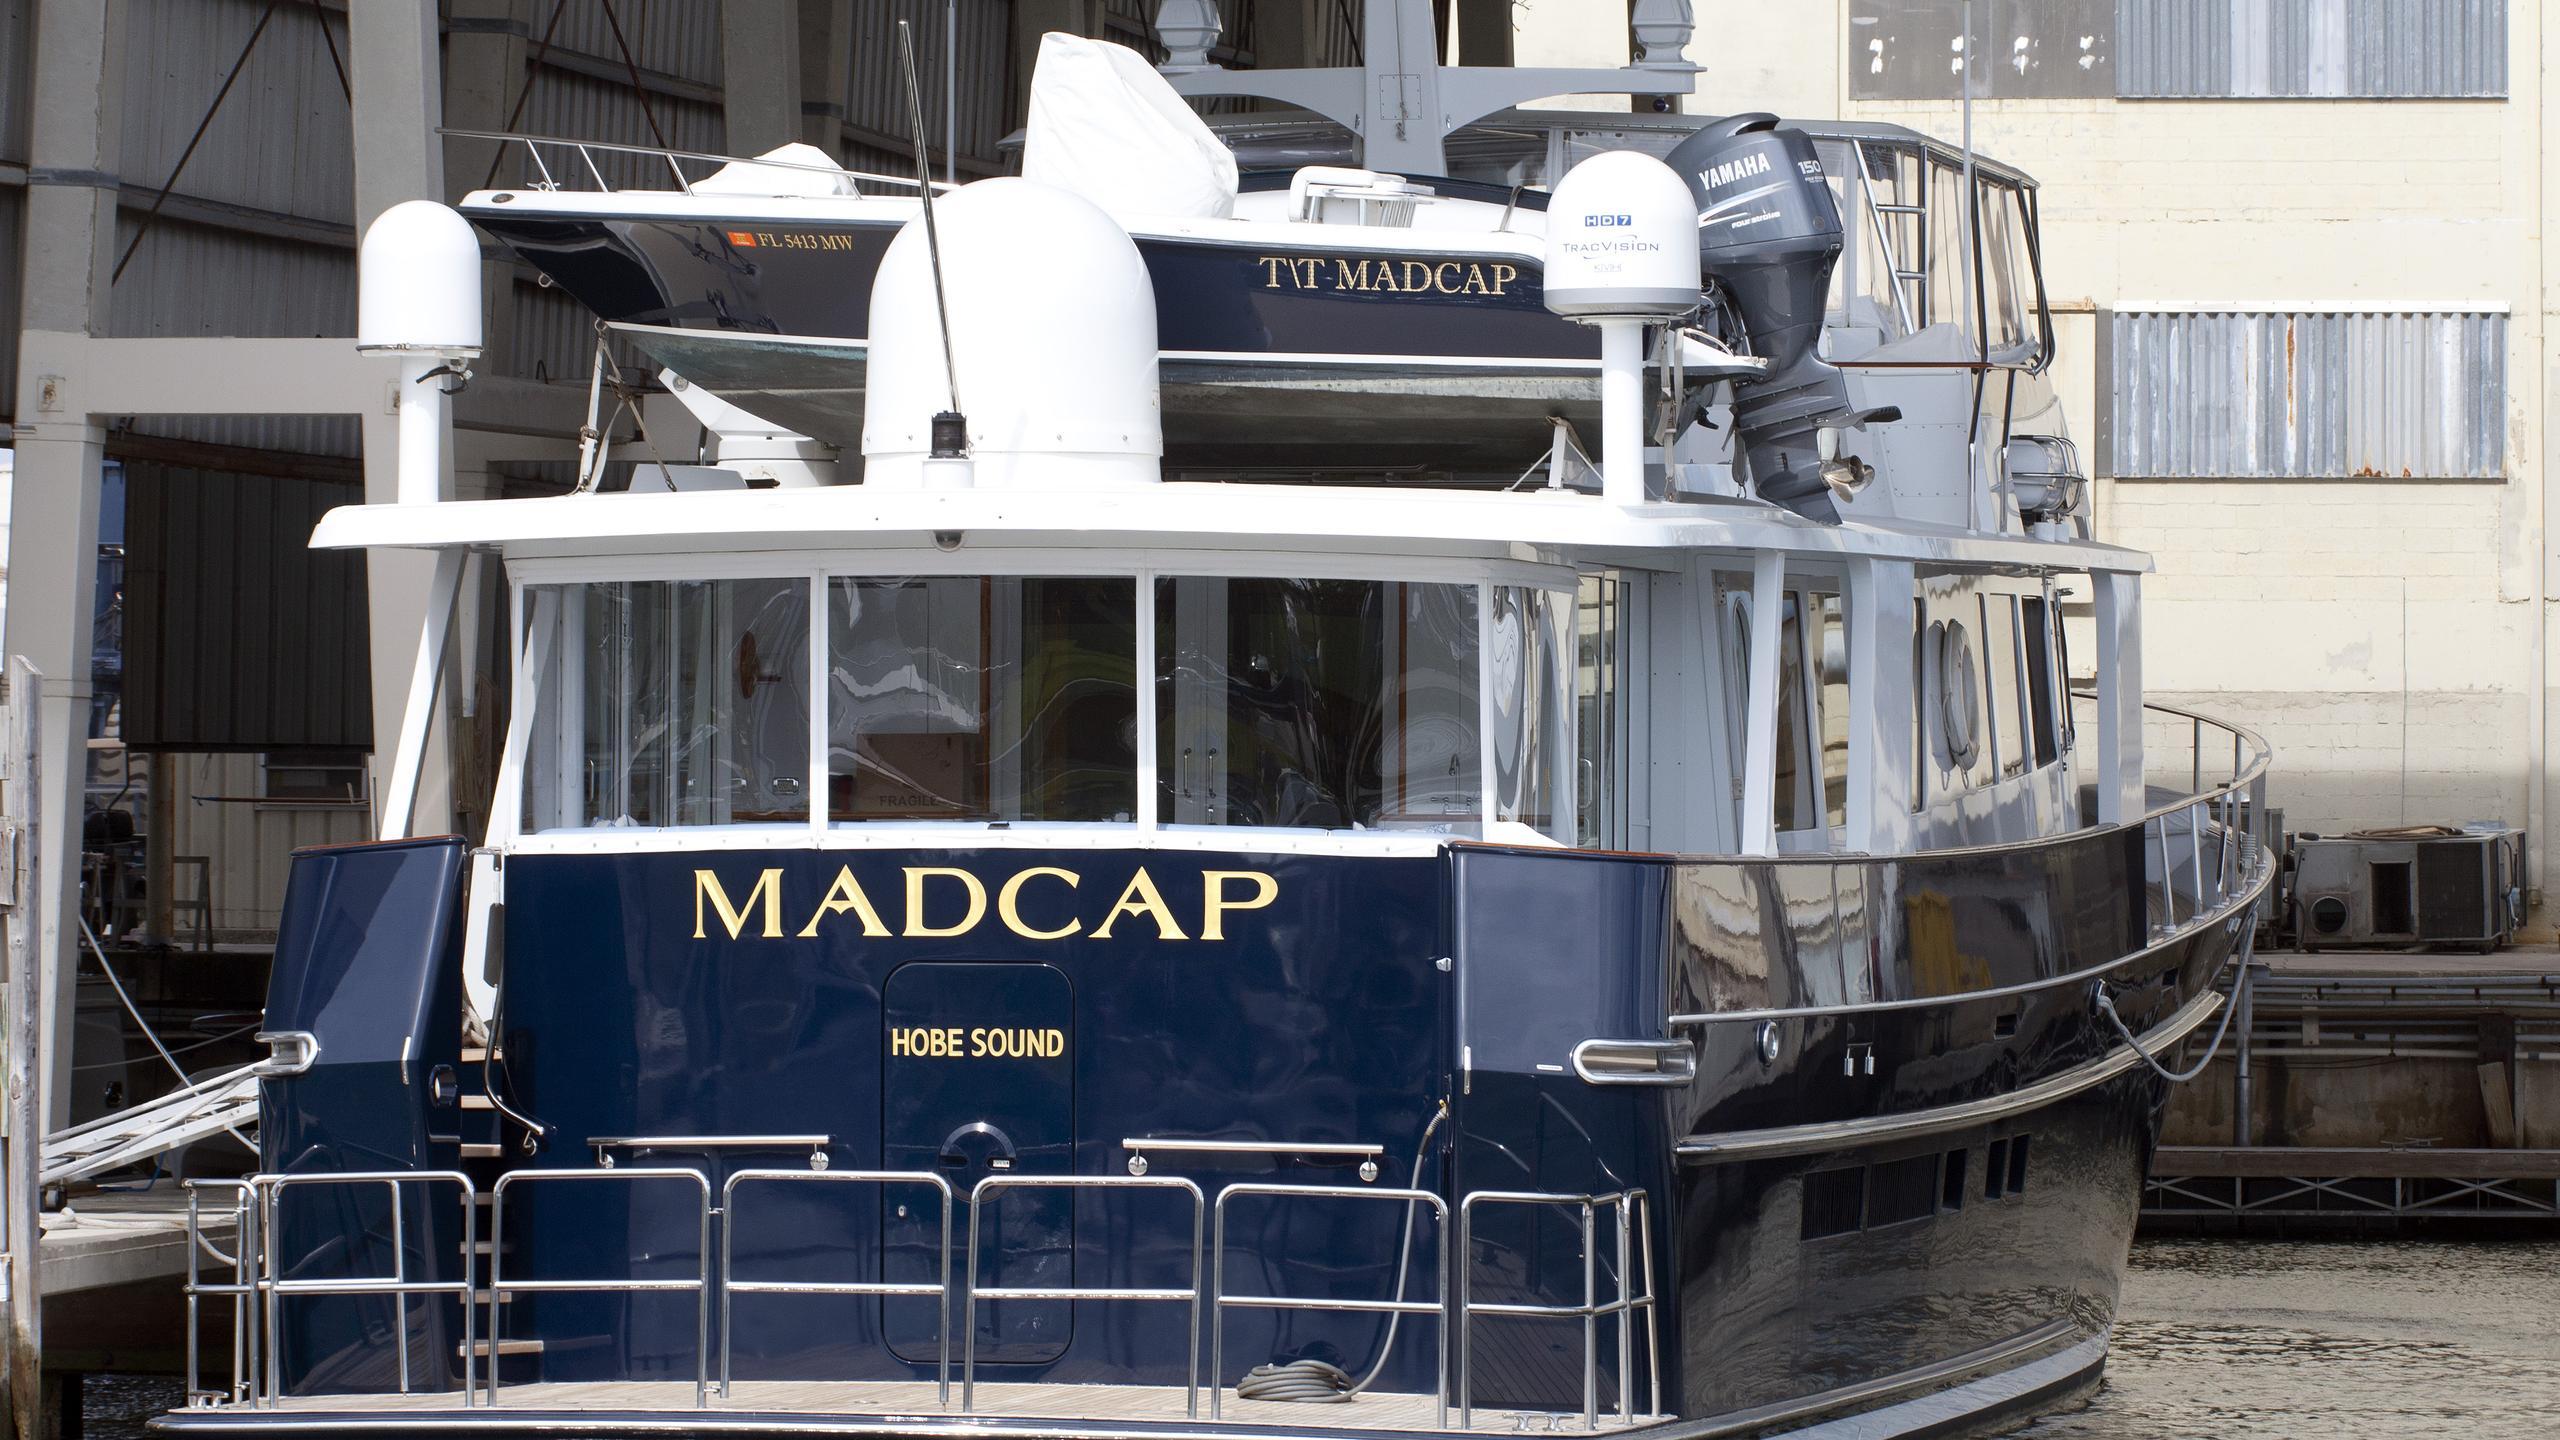 madcap-yacht-exterior